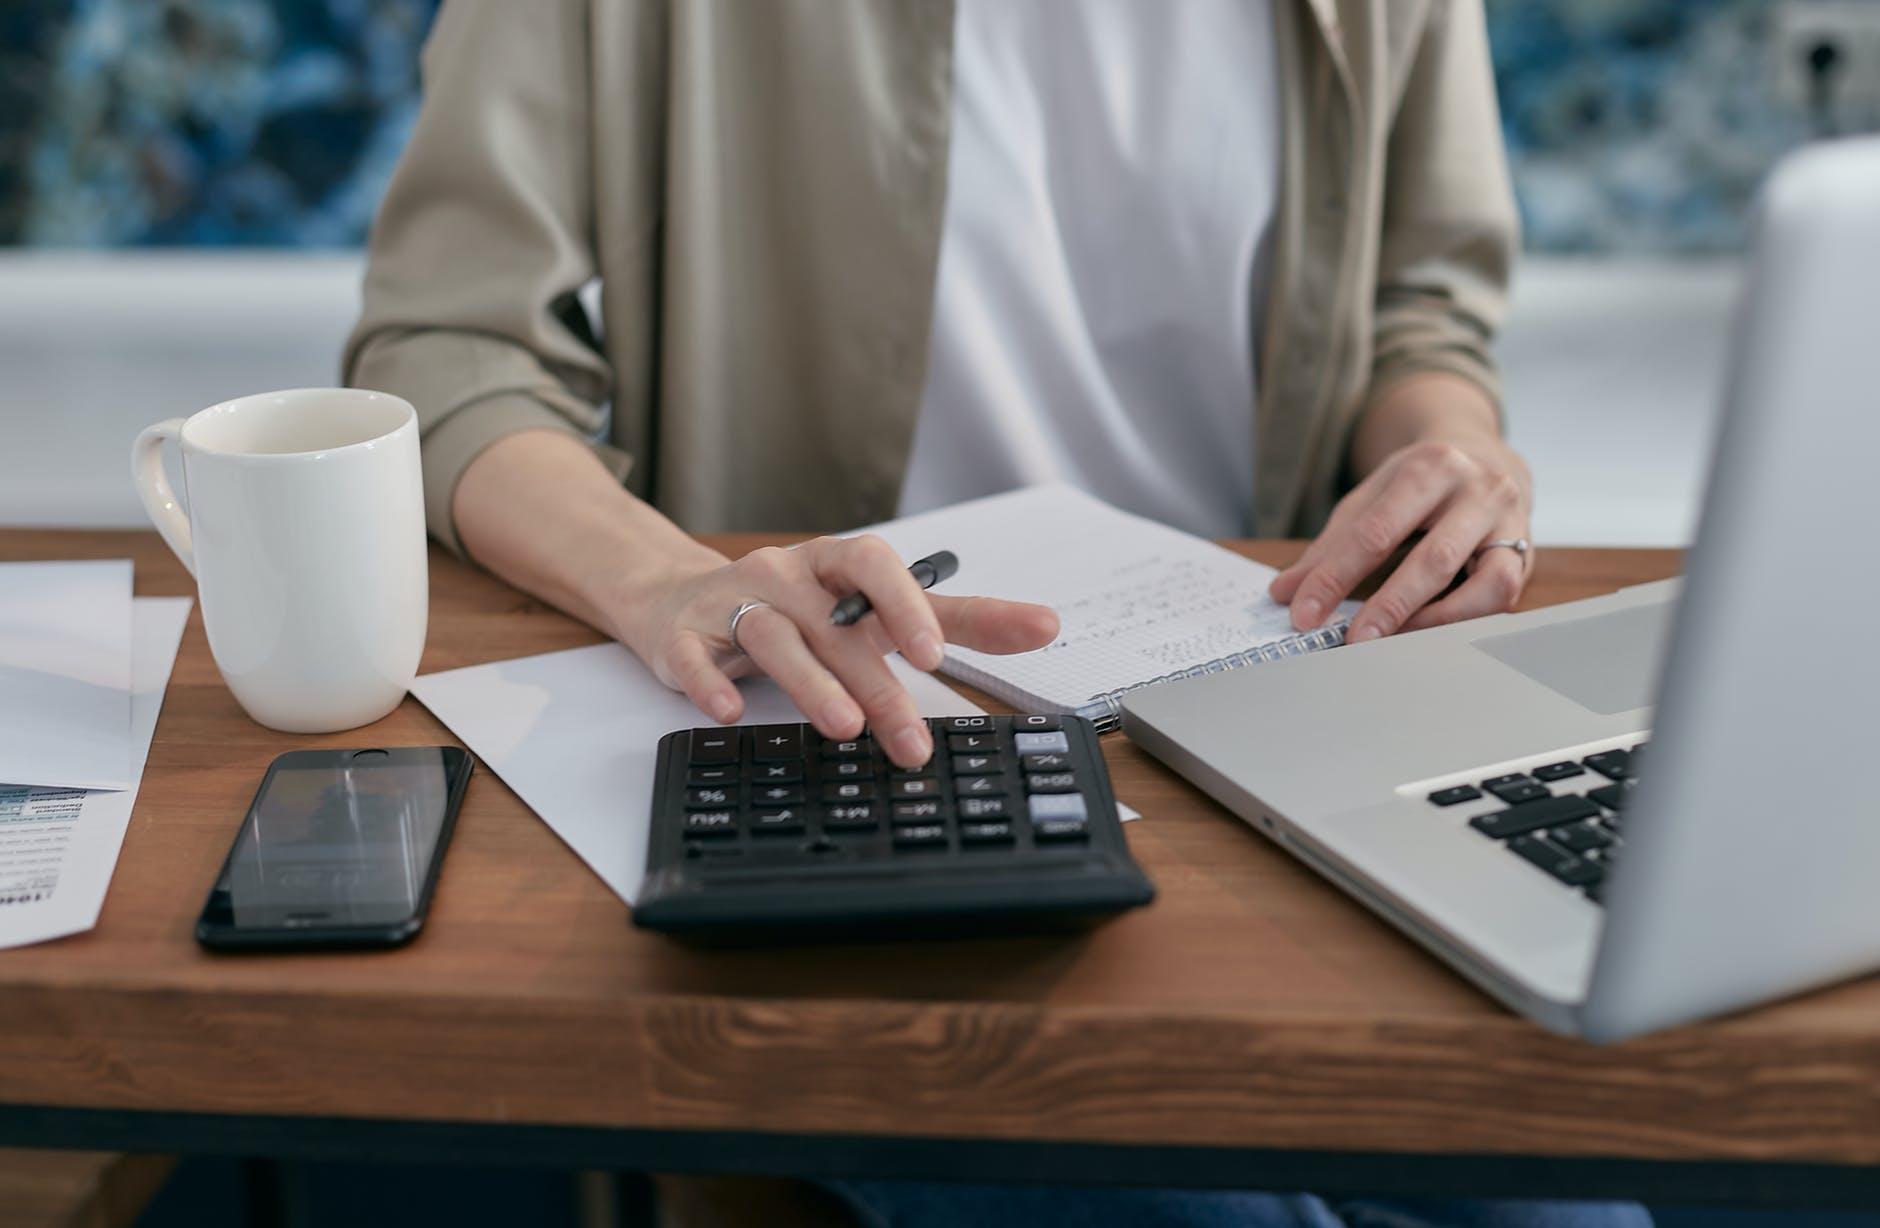 une femme sur un bureau avec une calculatrice